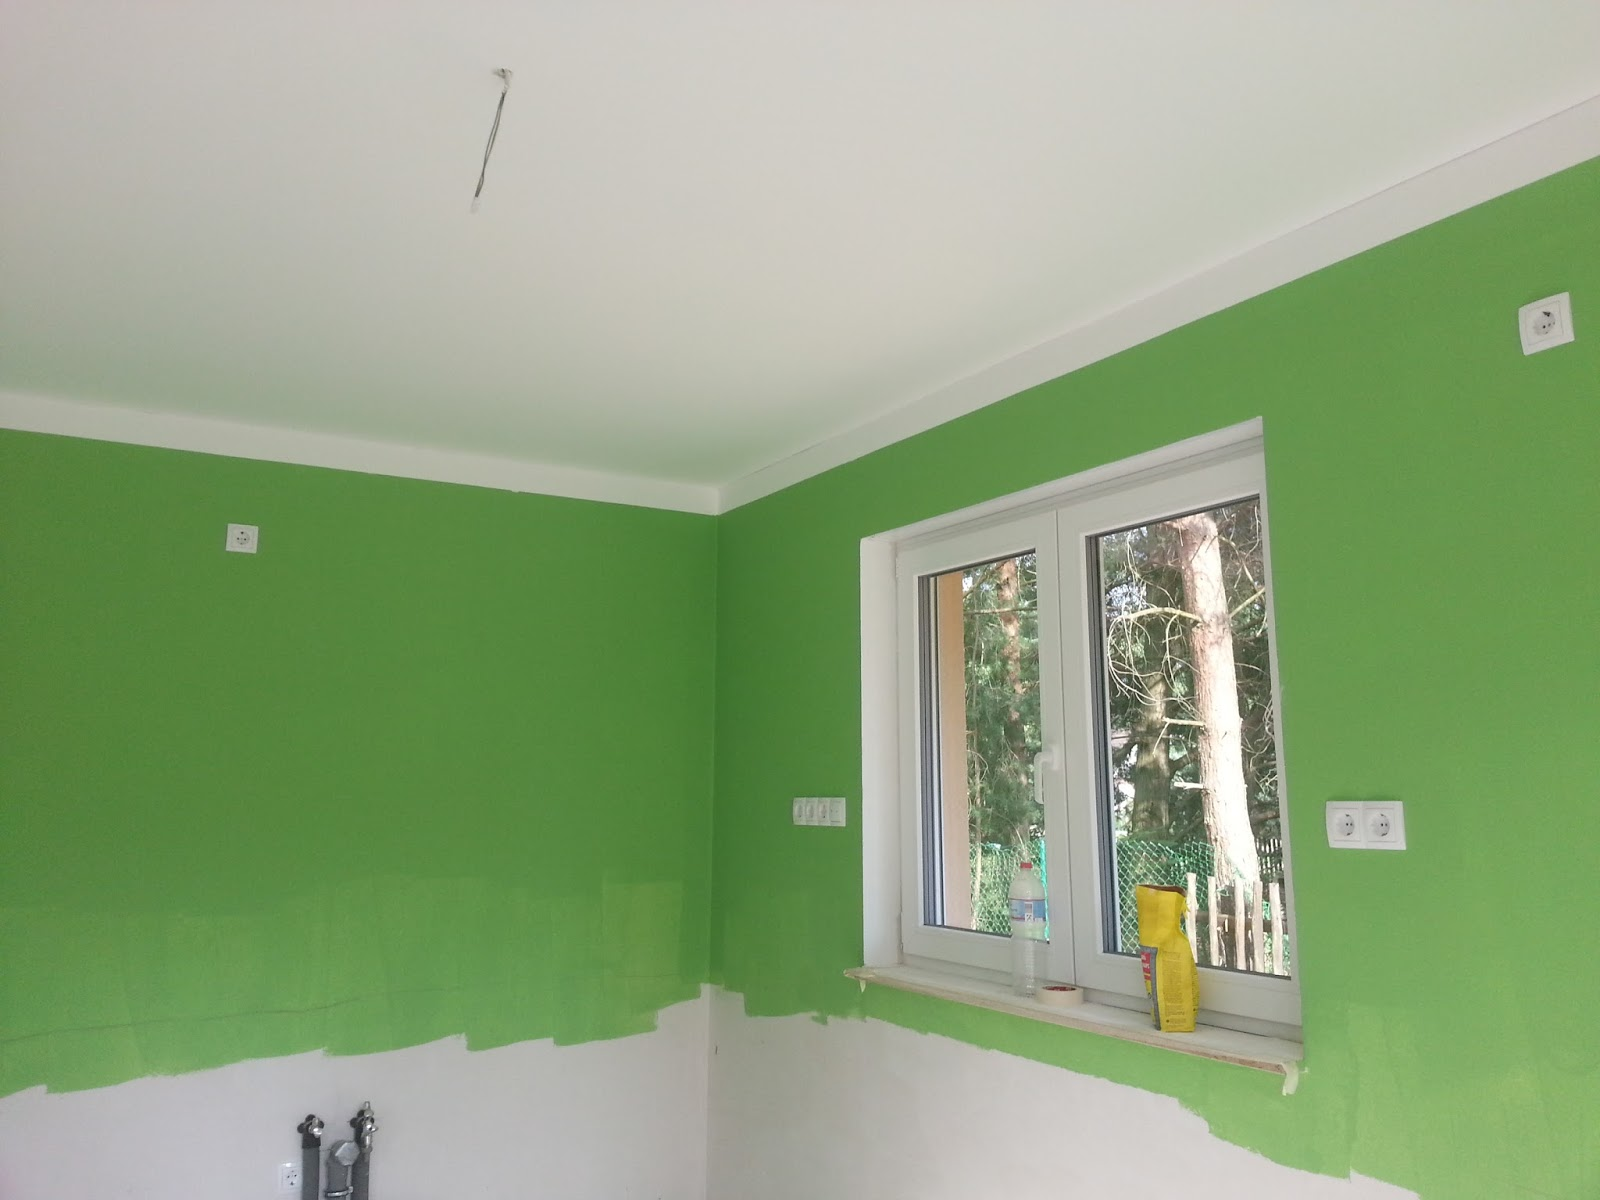 aileen und patrick bauen malerarbeiten fast fertig. Black Bedroom Furniture Sets. Home Design Ideas